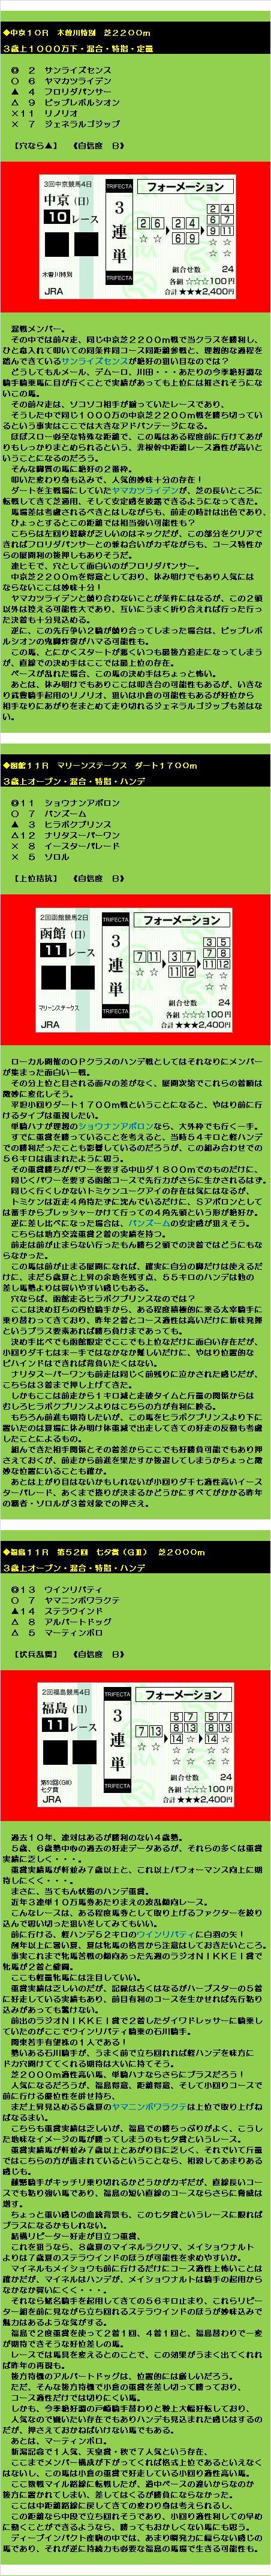 20160710・日曜競馬予想②.jpg